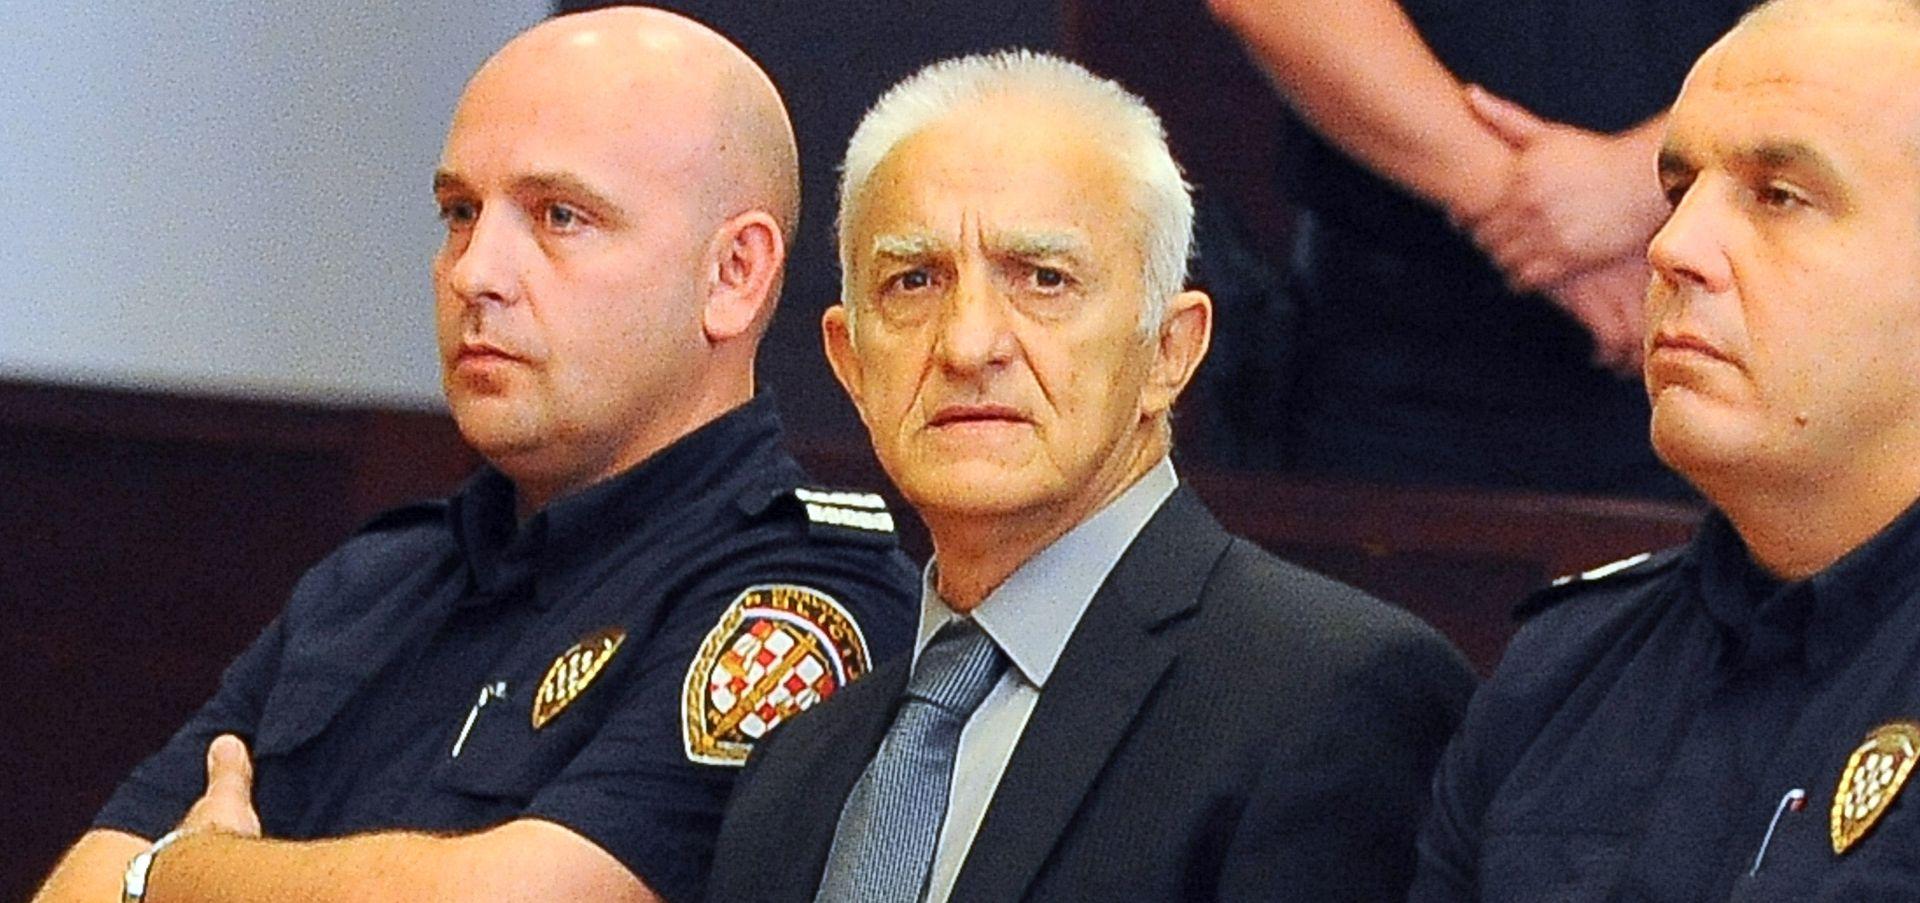 SPLIT Kapetanu Draganu 15 godina zatvora